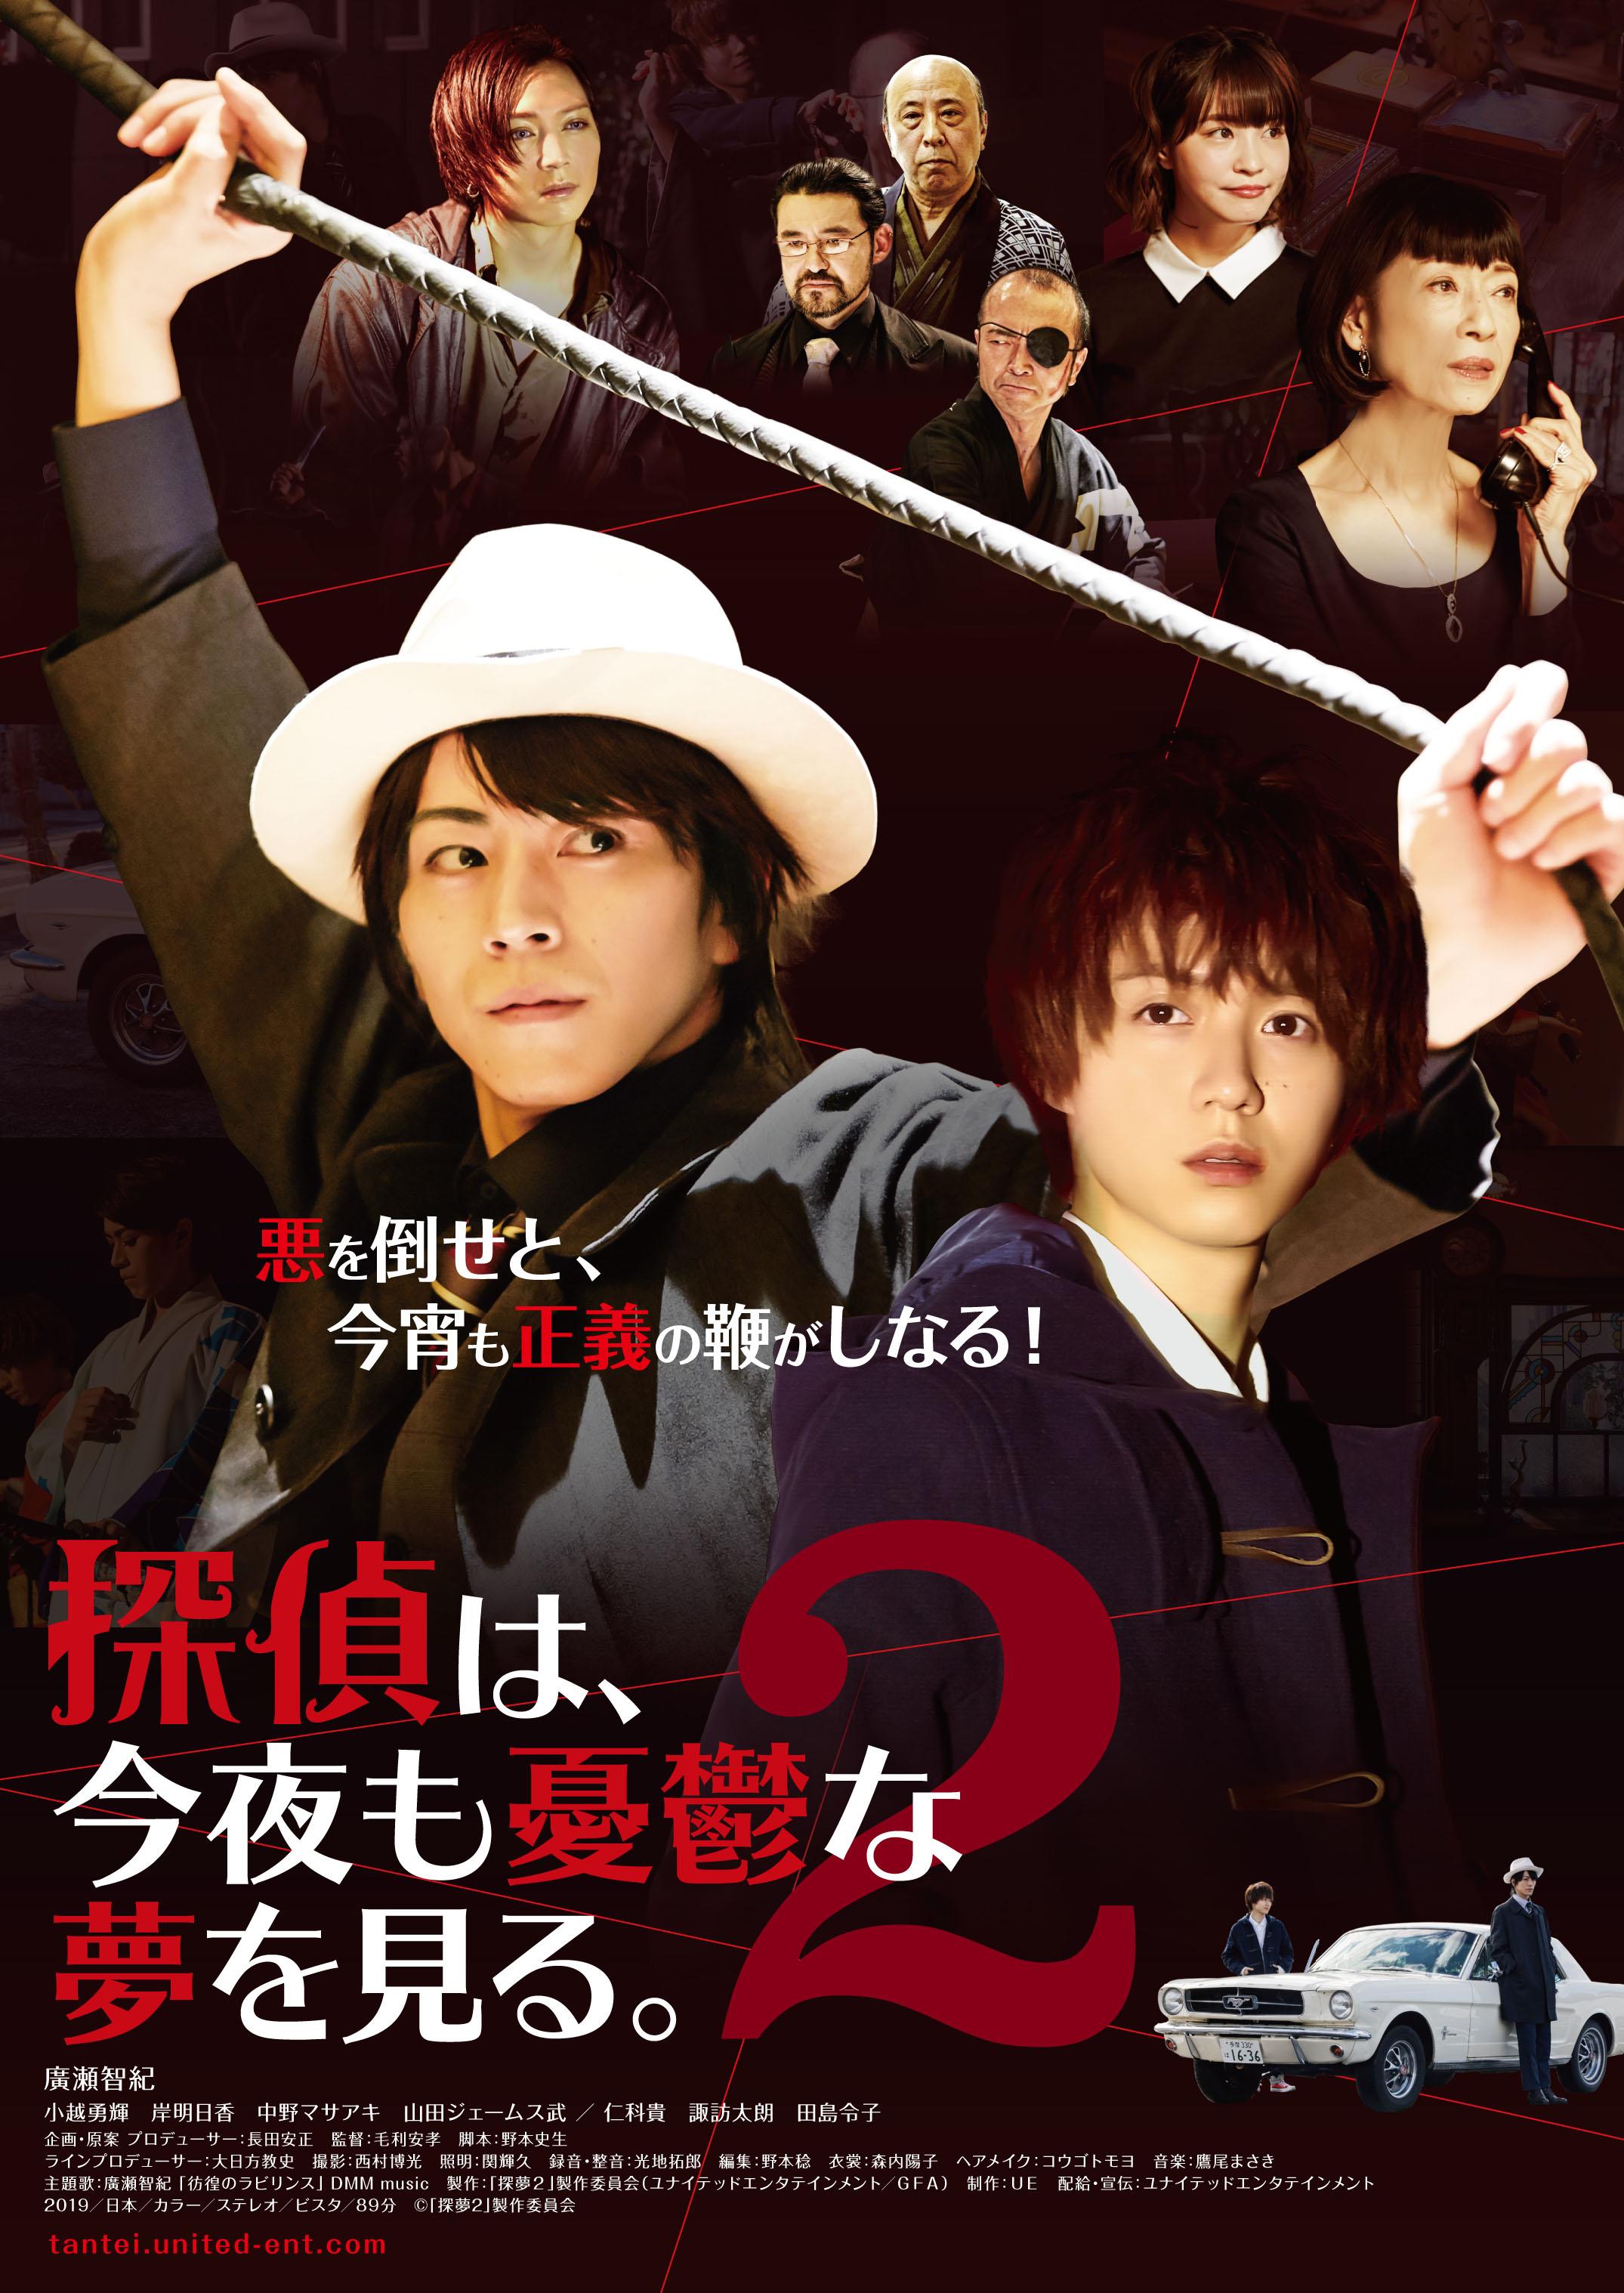 映画『探偵は、今夜も憂鬱な夢を見る。2』DVD発売記念先行お渡し会 in大阪